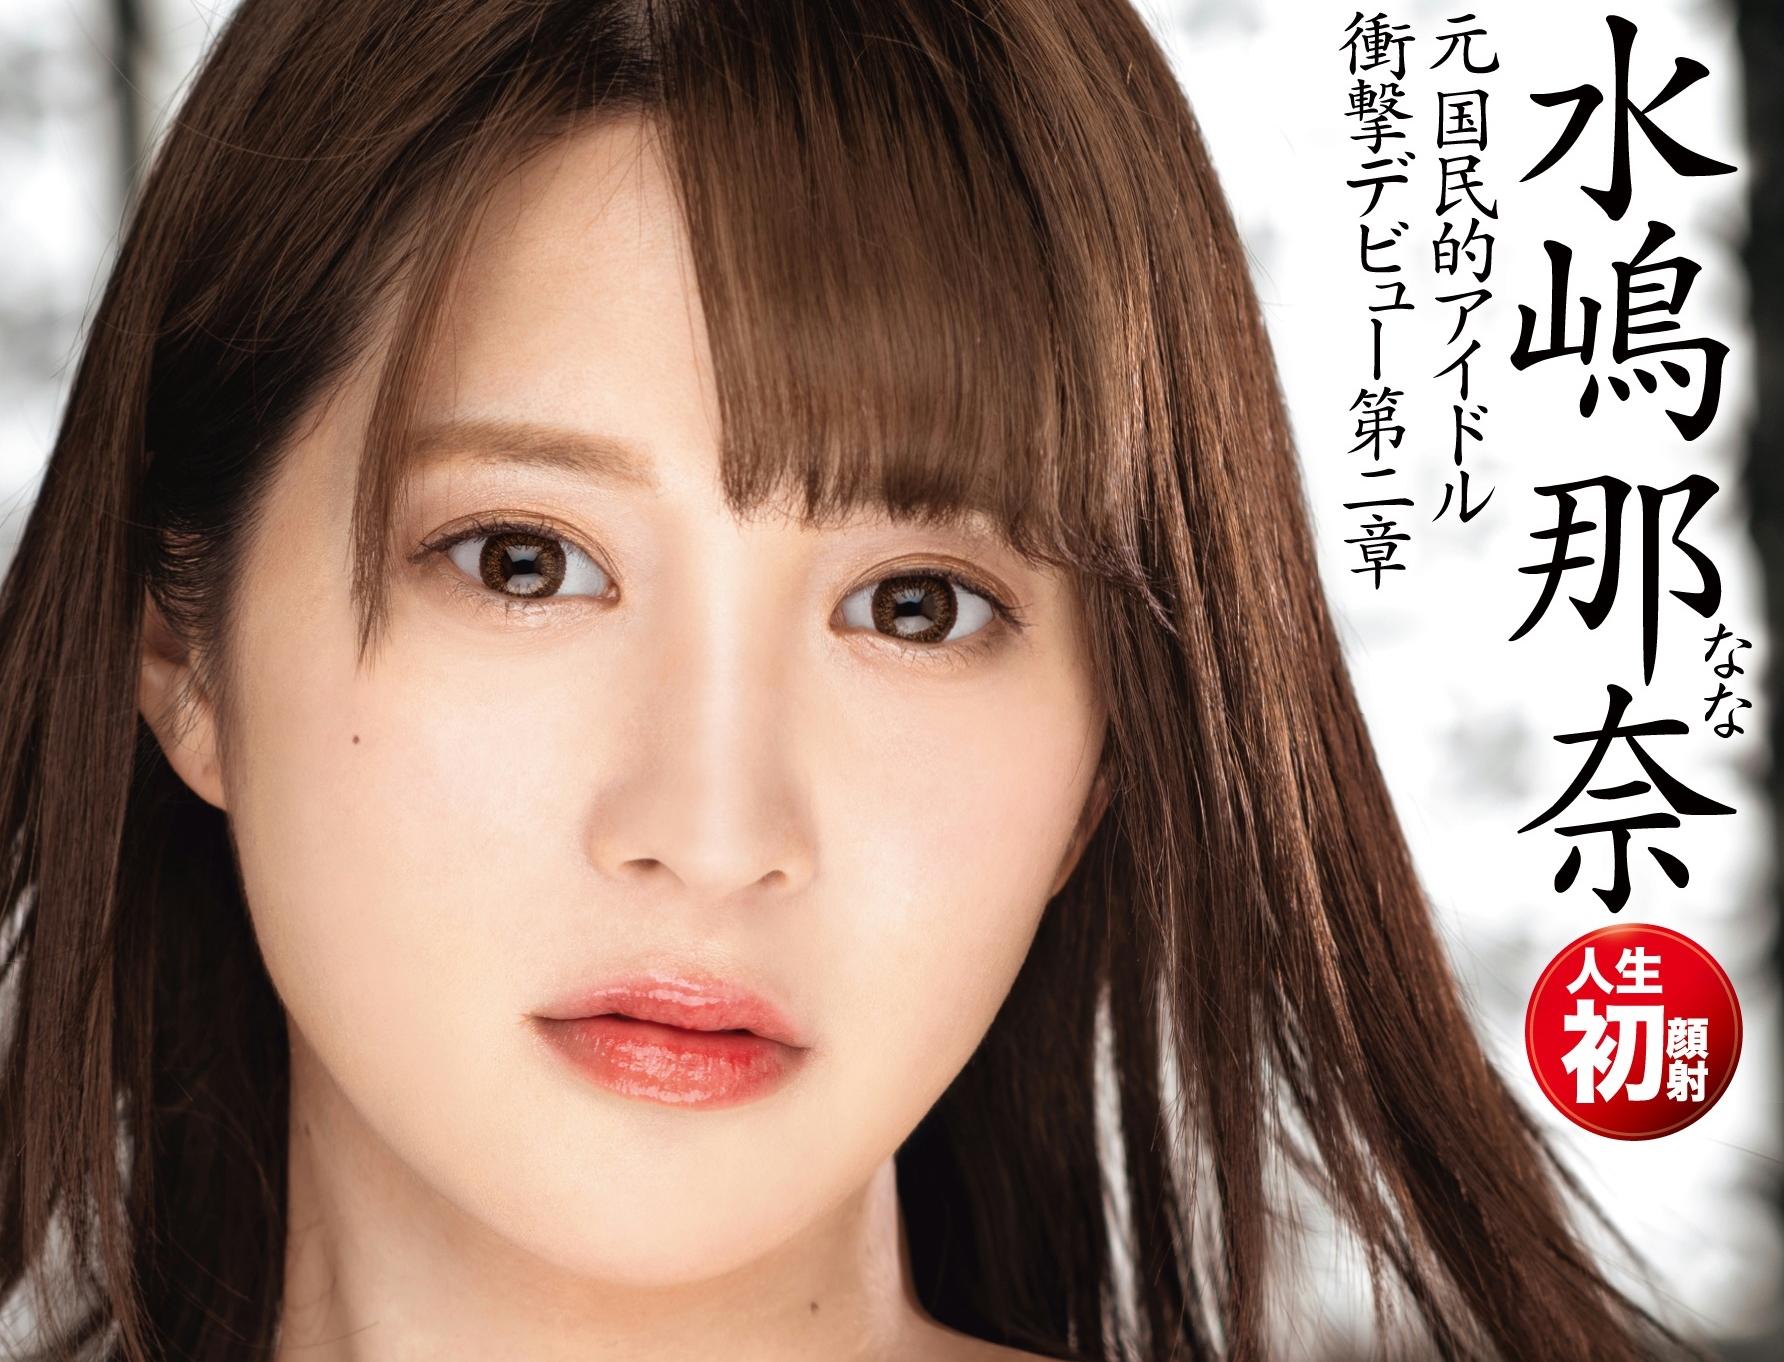 顔射の美学 03 水嶋那奈001